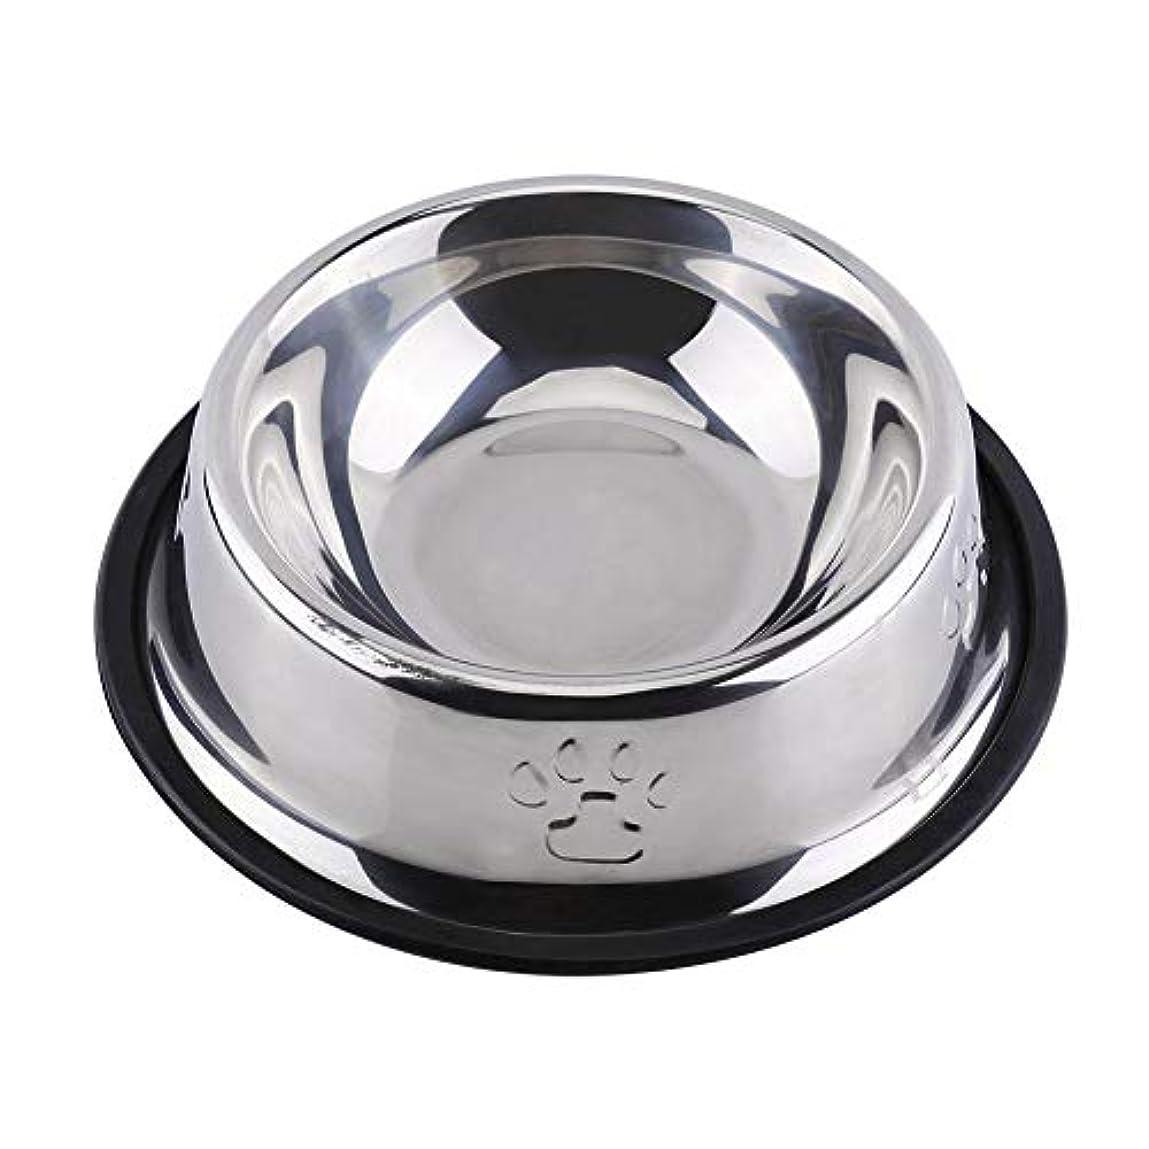 航空便論争の的恨みTOPINCN ステンレス鋼 ペットボウル アンチスリップ犬猫子犬 フードホルダー ペット給水器 餌やり 5サイズ(18cm)